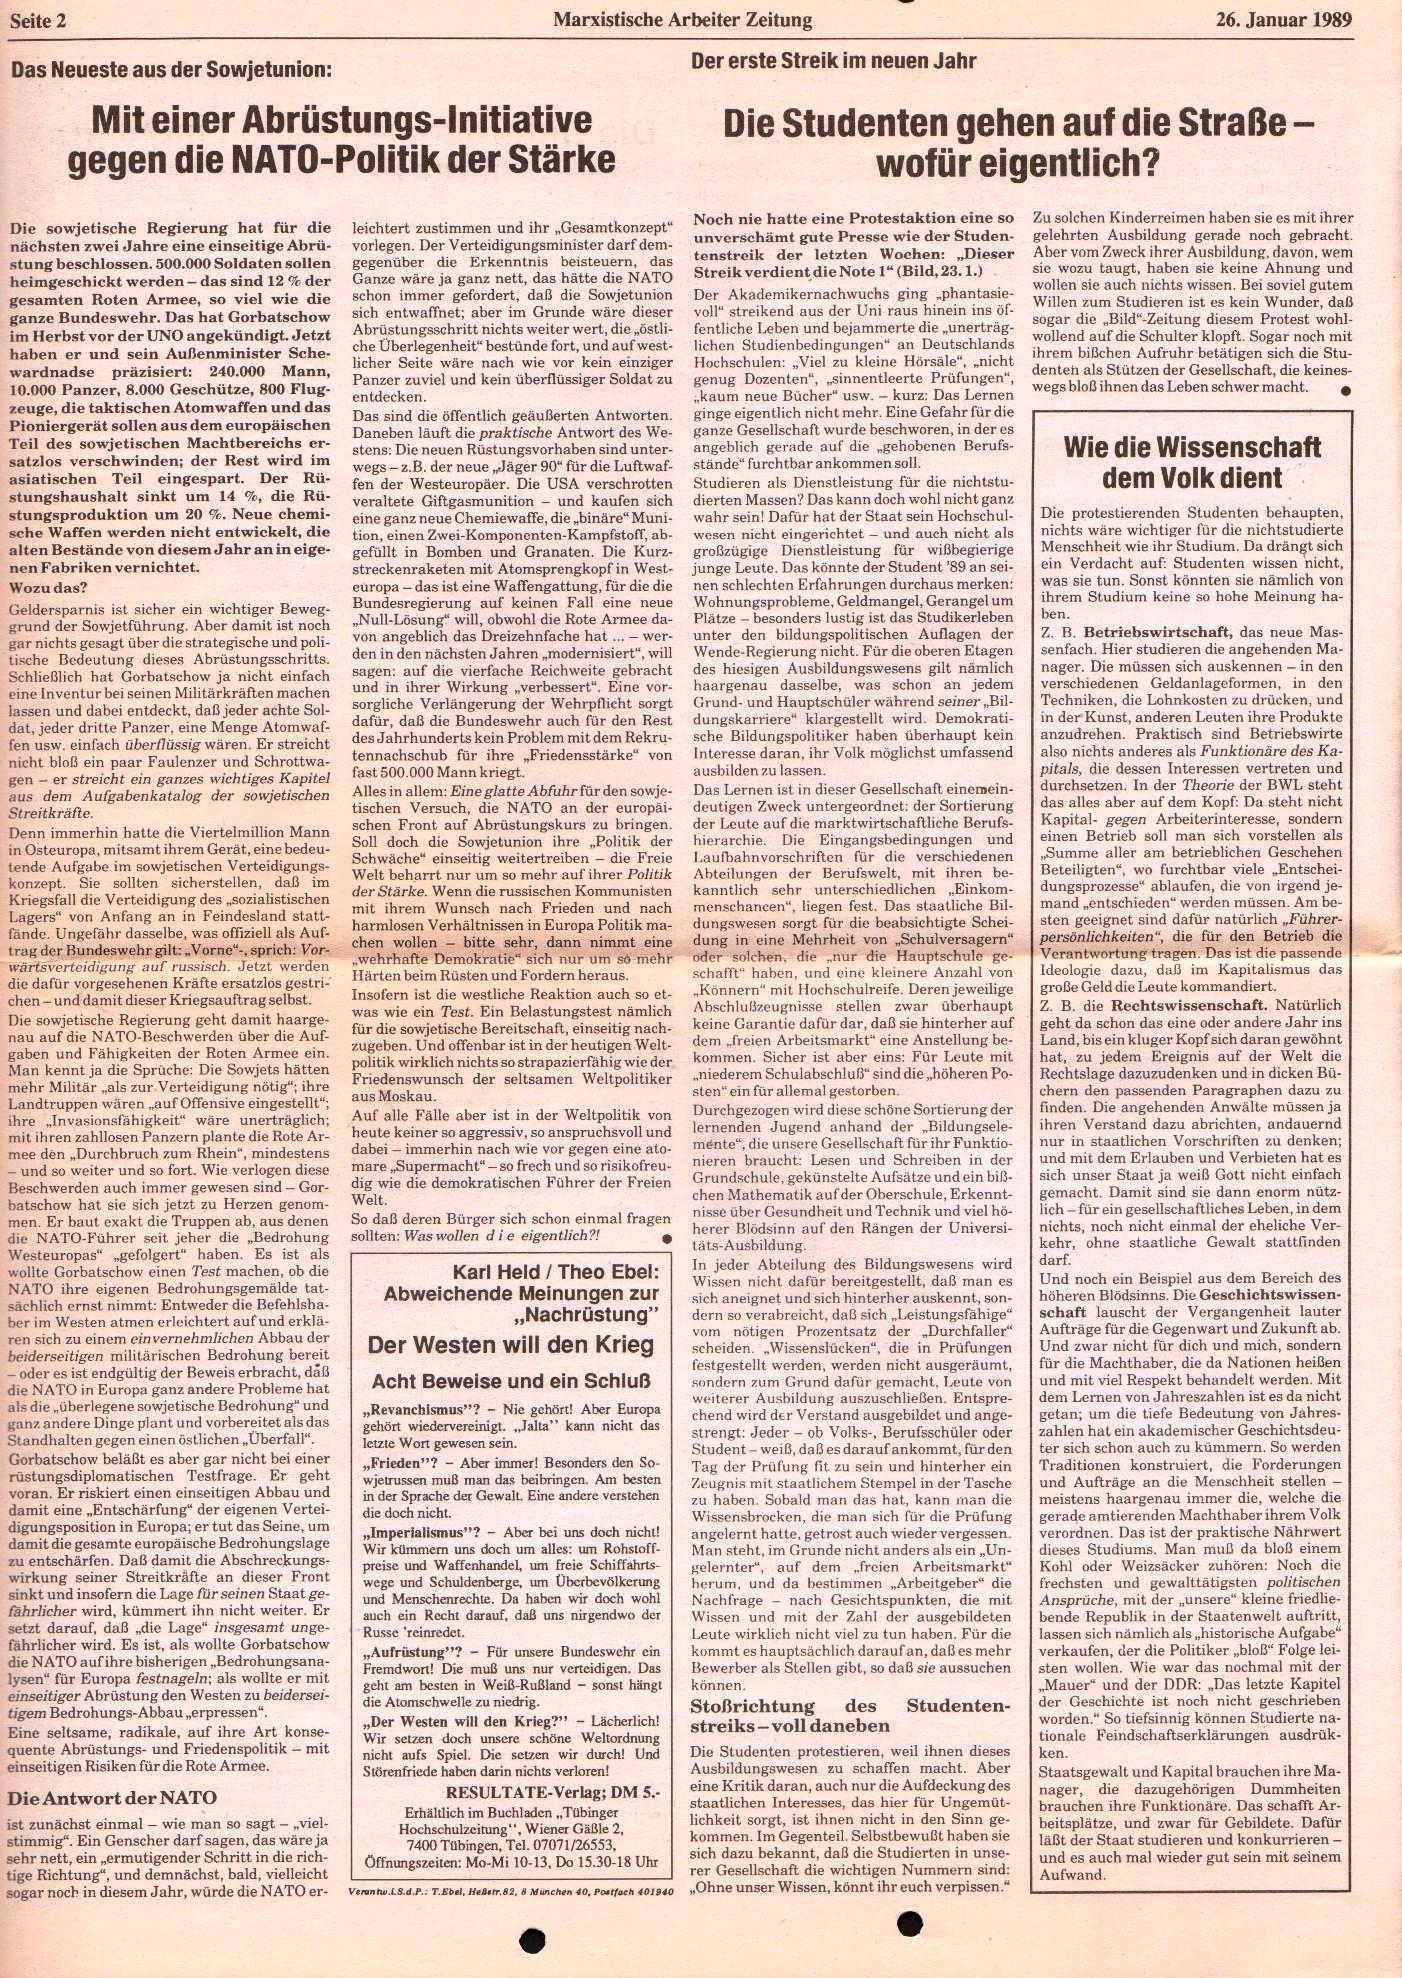 BW_MG_Marxistische_Arbeiterzeitung_19890126_02